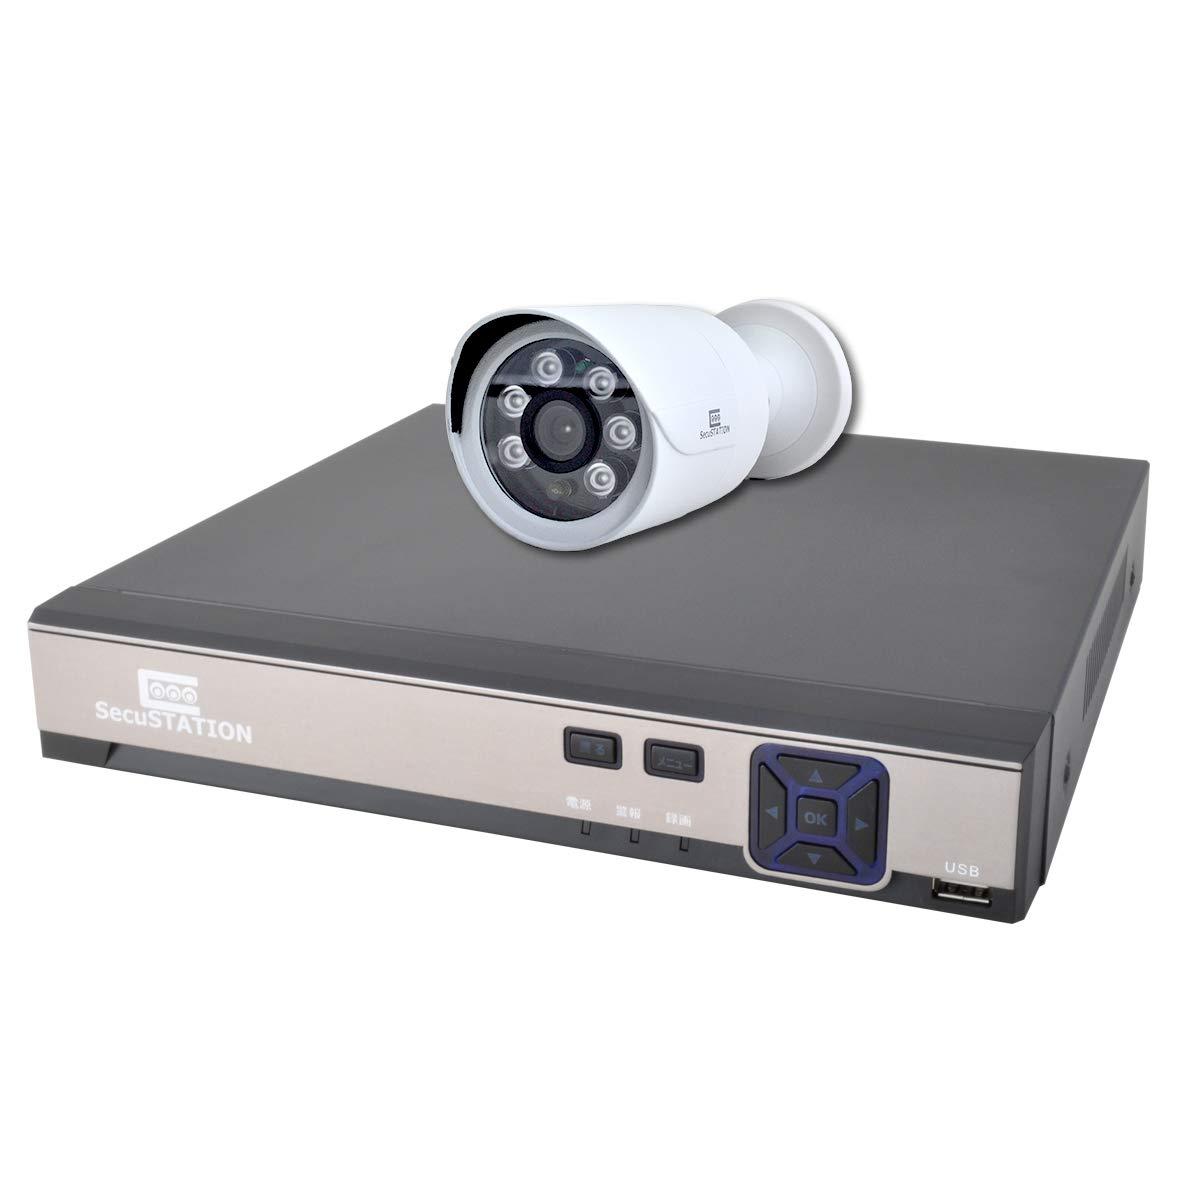 独特な店 SecuSTATION 黒 日本メーカー 防犯カメラ 1台セット PoE 日本メーカー B0757FLNBK 264万画素 高耐久HDD 屋外 防水防塵 マイク内蔵 高耐久HDD NVR4ch 8TB内蔵 SC-XP45K B0757FLNBK ホワイト 内蔵HDDなし 内蔵HDDなし|ホワイト, Detailsbymonosapiens:17afc4d2 --- arianechie.dominiotemporario.com